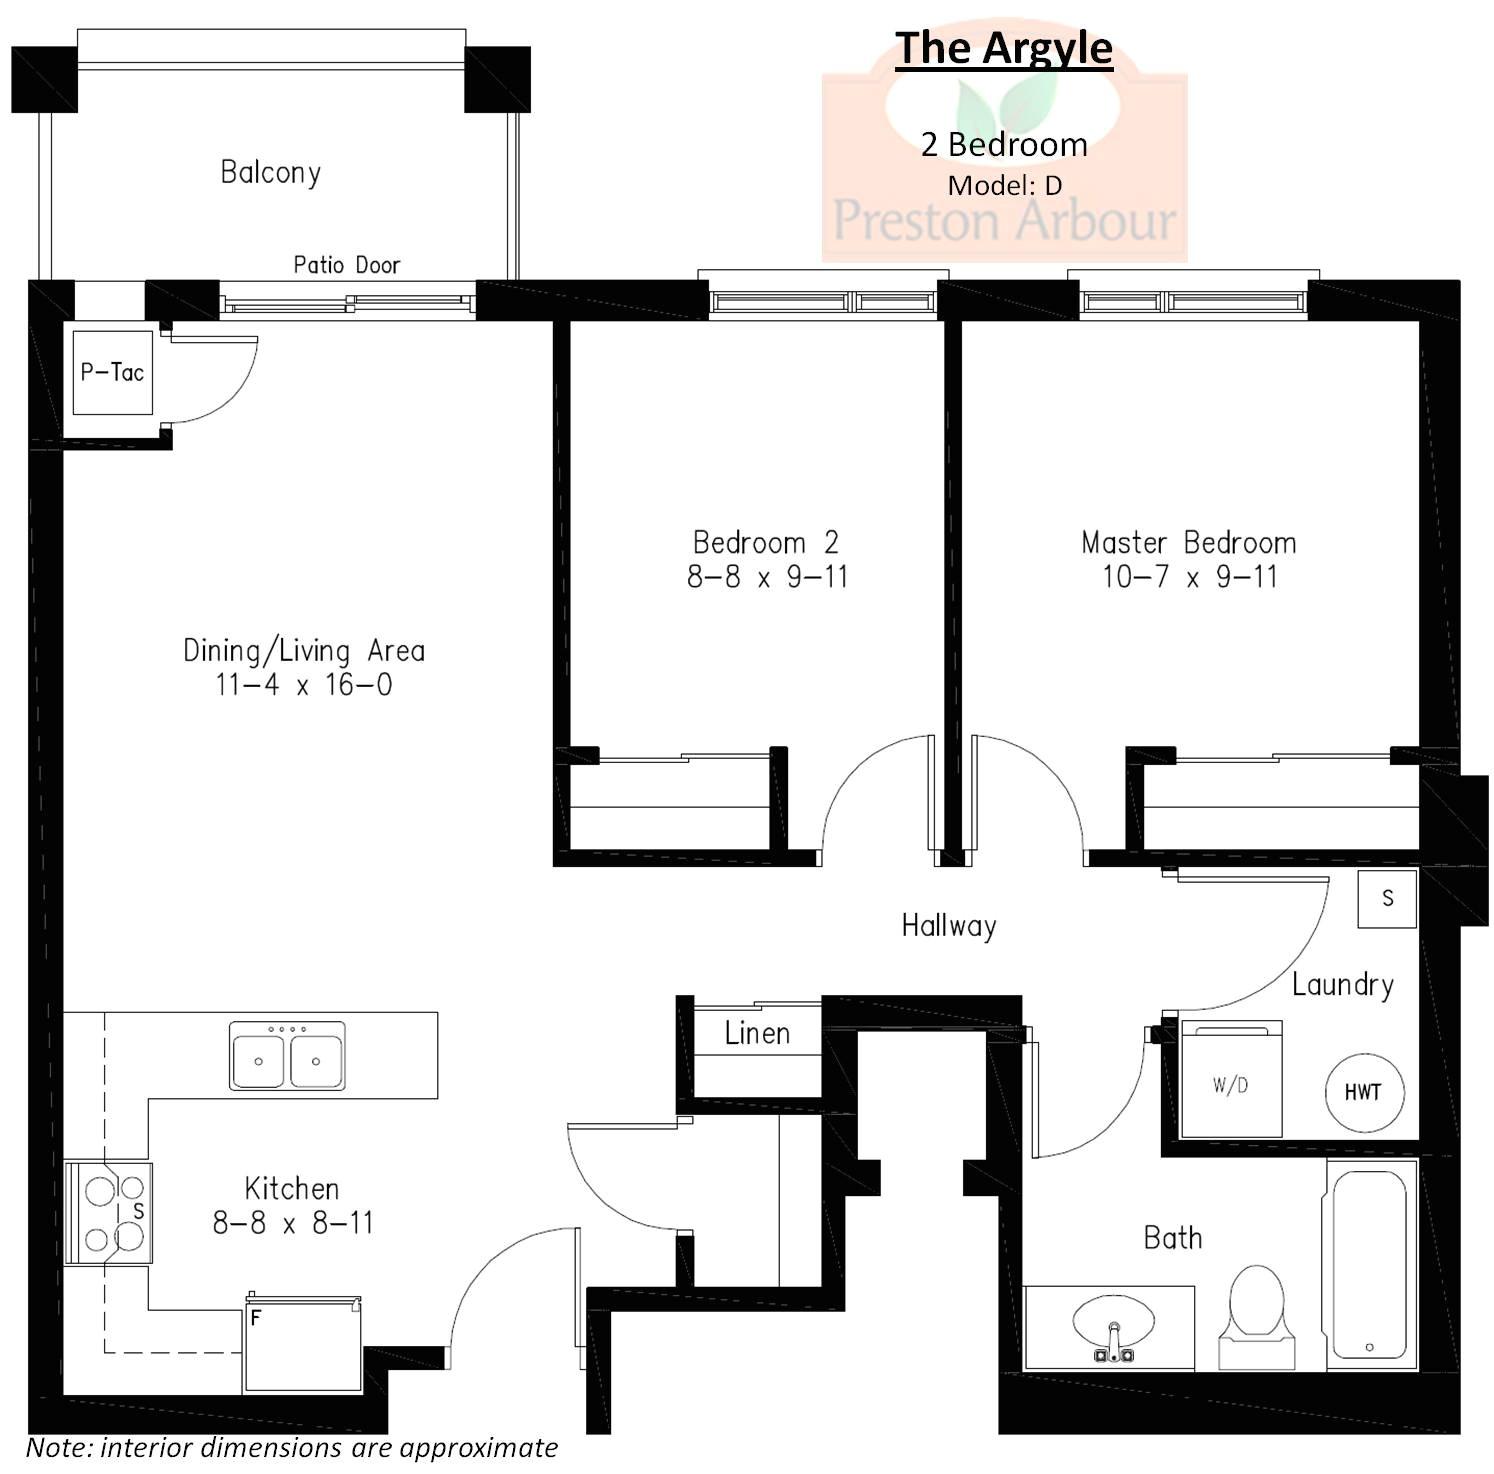 Free Home Floor Plans Online Architecture Free Online Floor Plan Maker Images Floor